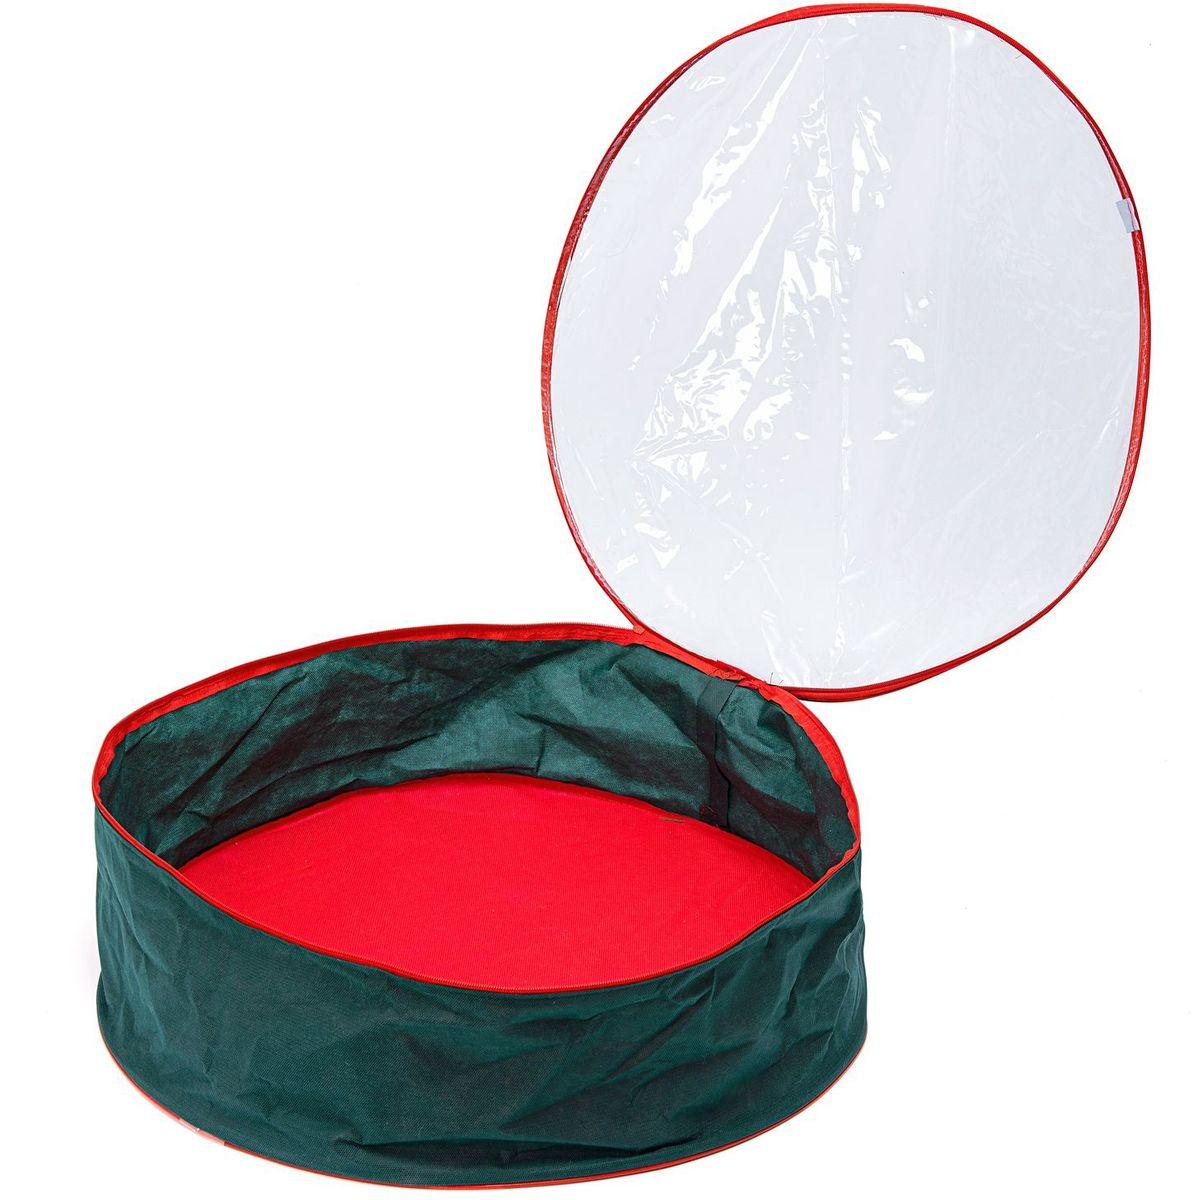 Кофр плоский Homsu New Year, 20х60 см, цвет: зеленыйHOM-736Круглый плоский органайзер на молнии с прозрачной крышкой из ПВХ, идеально подойдет для хранения новогодней мишуры и гирлянд. Выполнен в традиционной новогодней расцветке. Размер изделия: 20х60х10см.